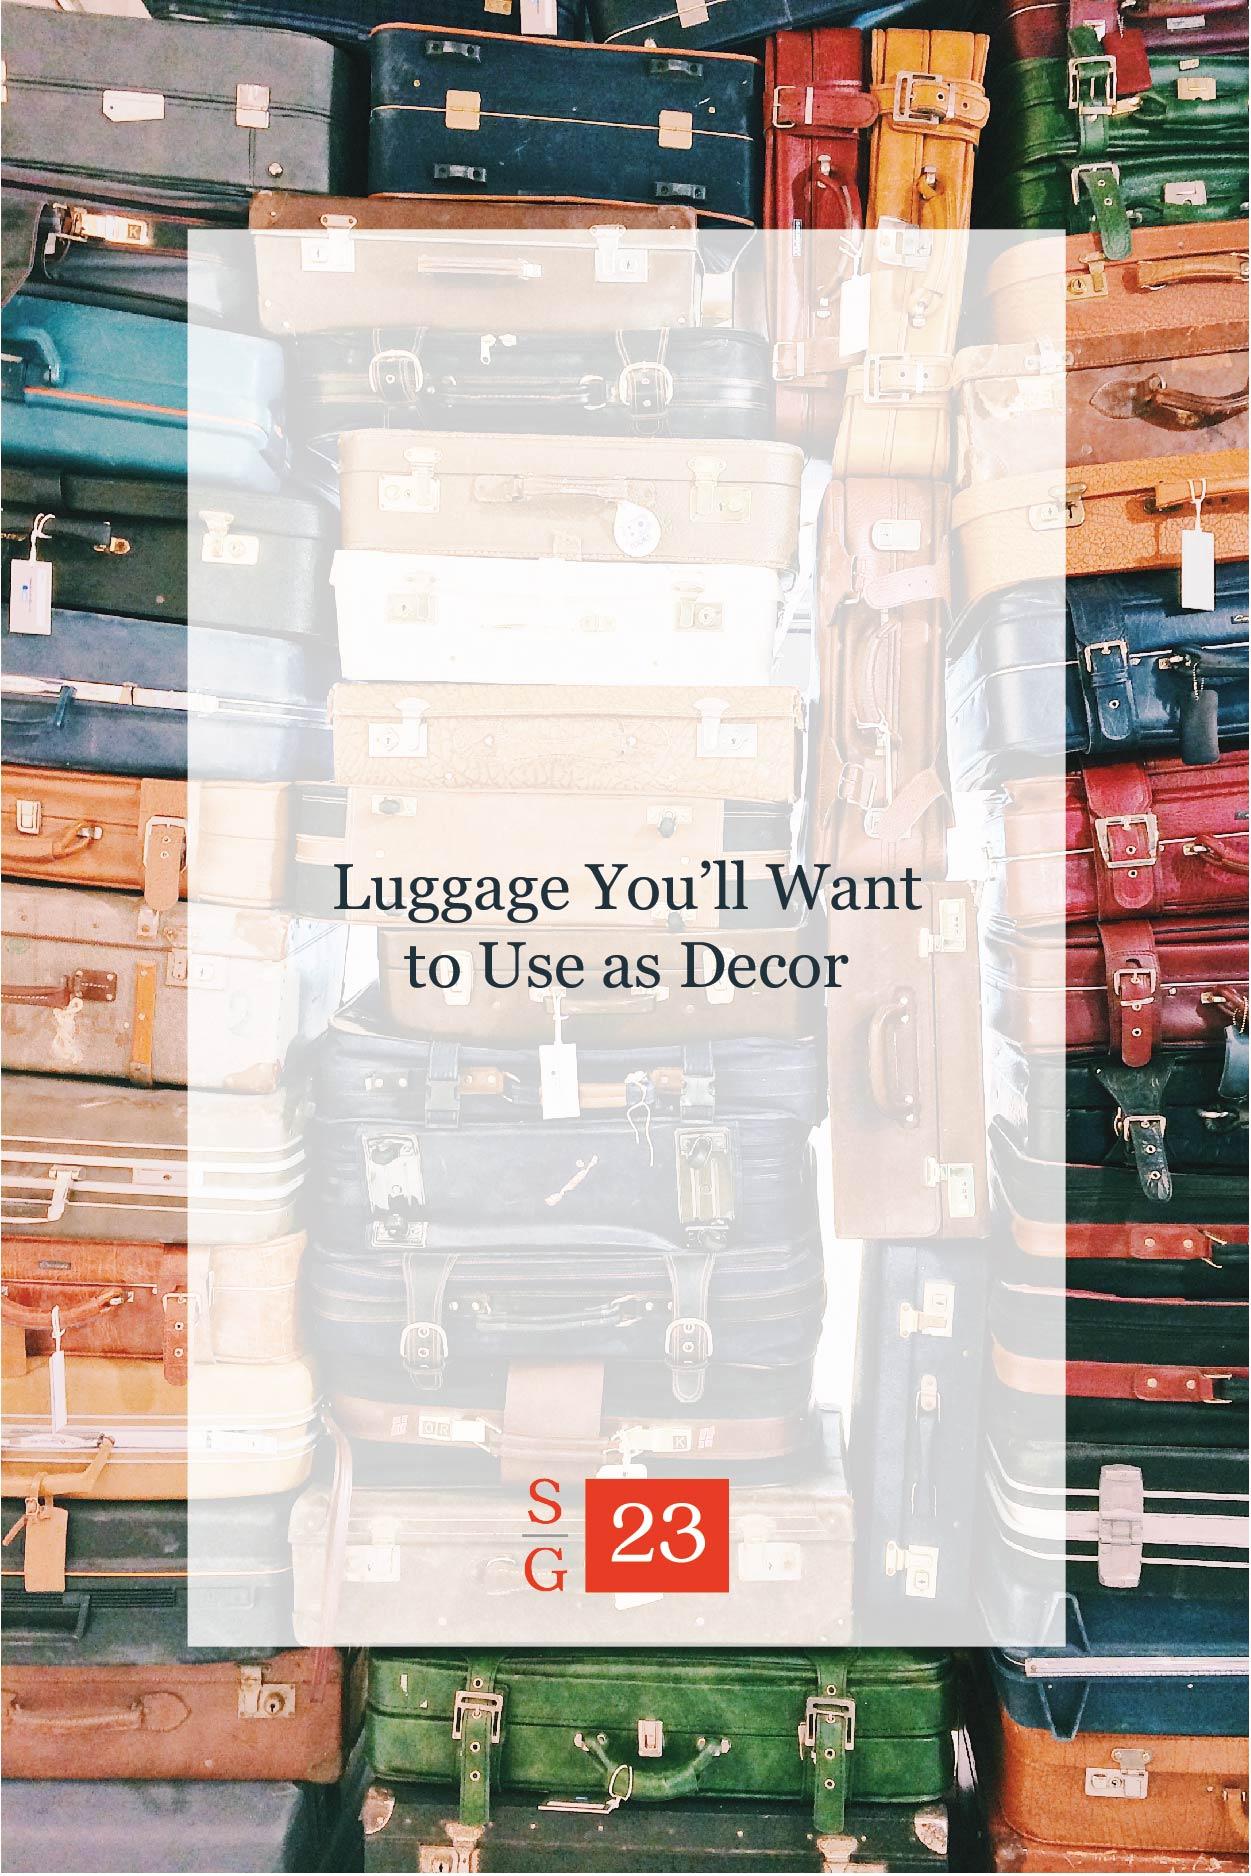 luggage-as-decor-01.jpg